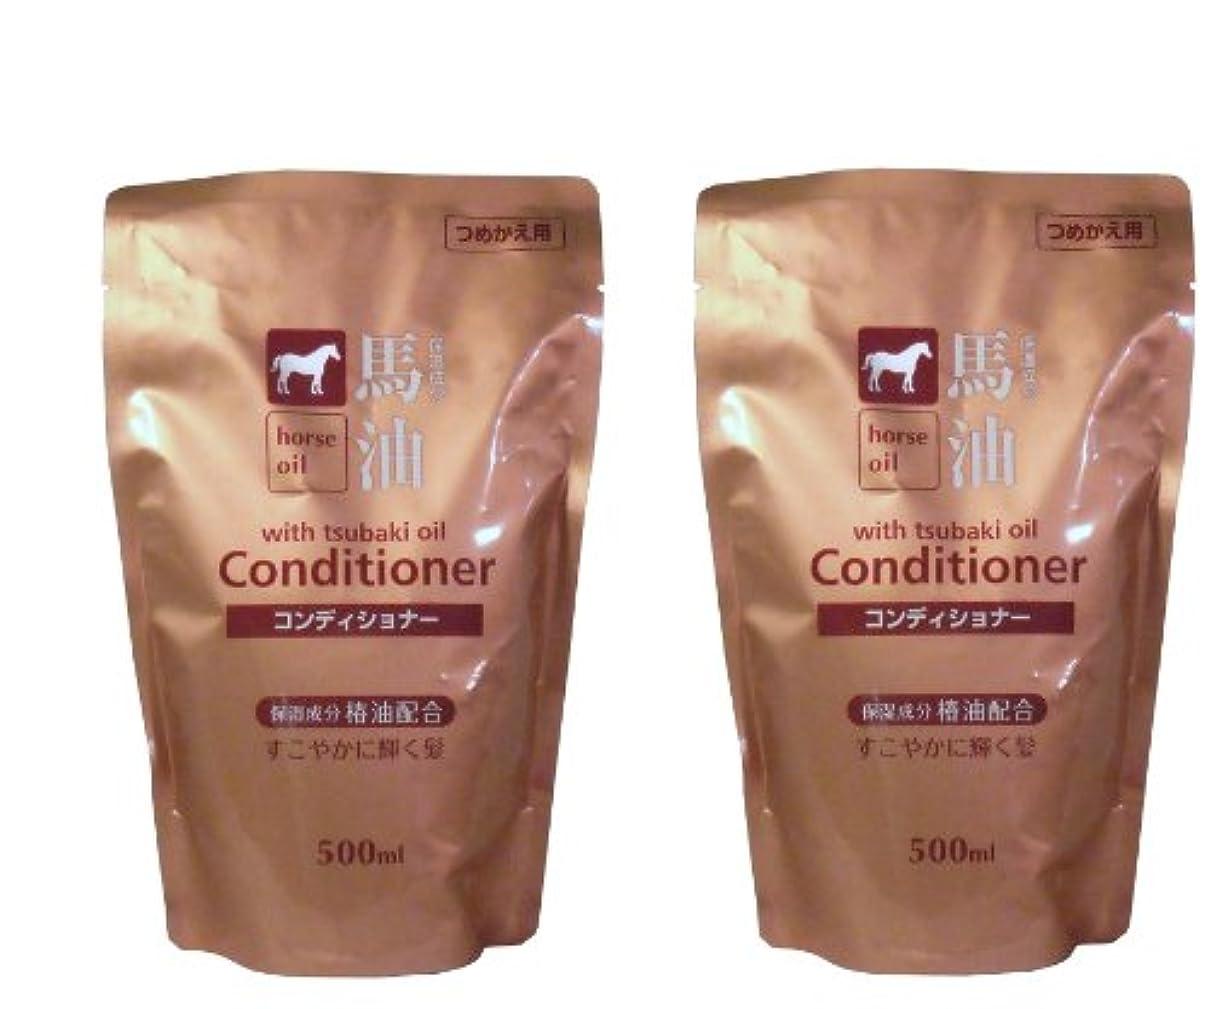 意志に反するメロディアス浪費馬油コンディショナー 椿油配合 詰替え用 2個セット(各500mL)  【日本製】